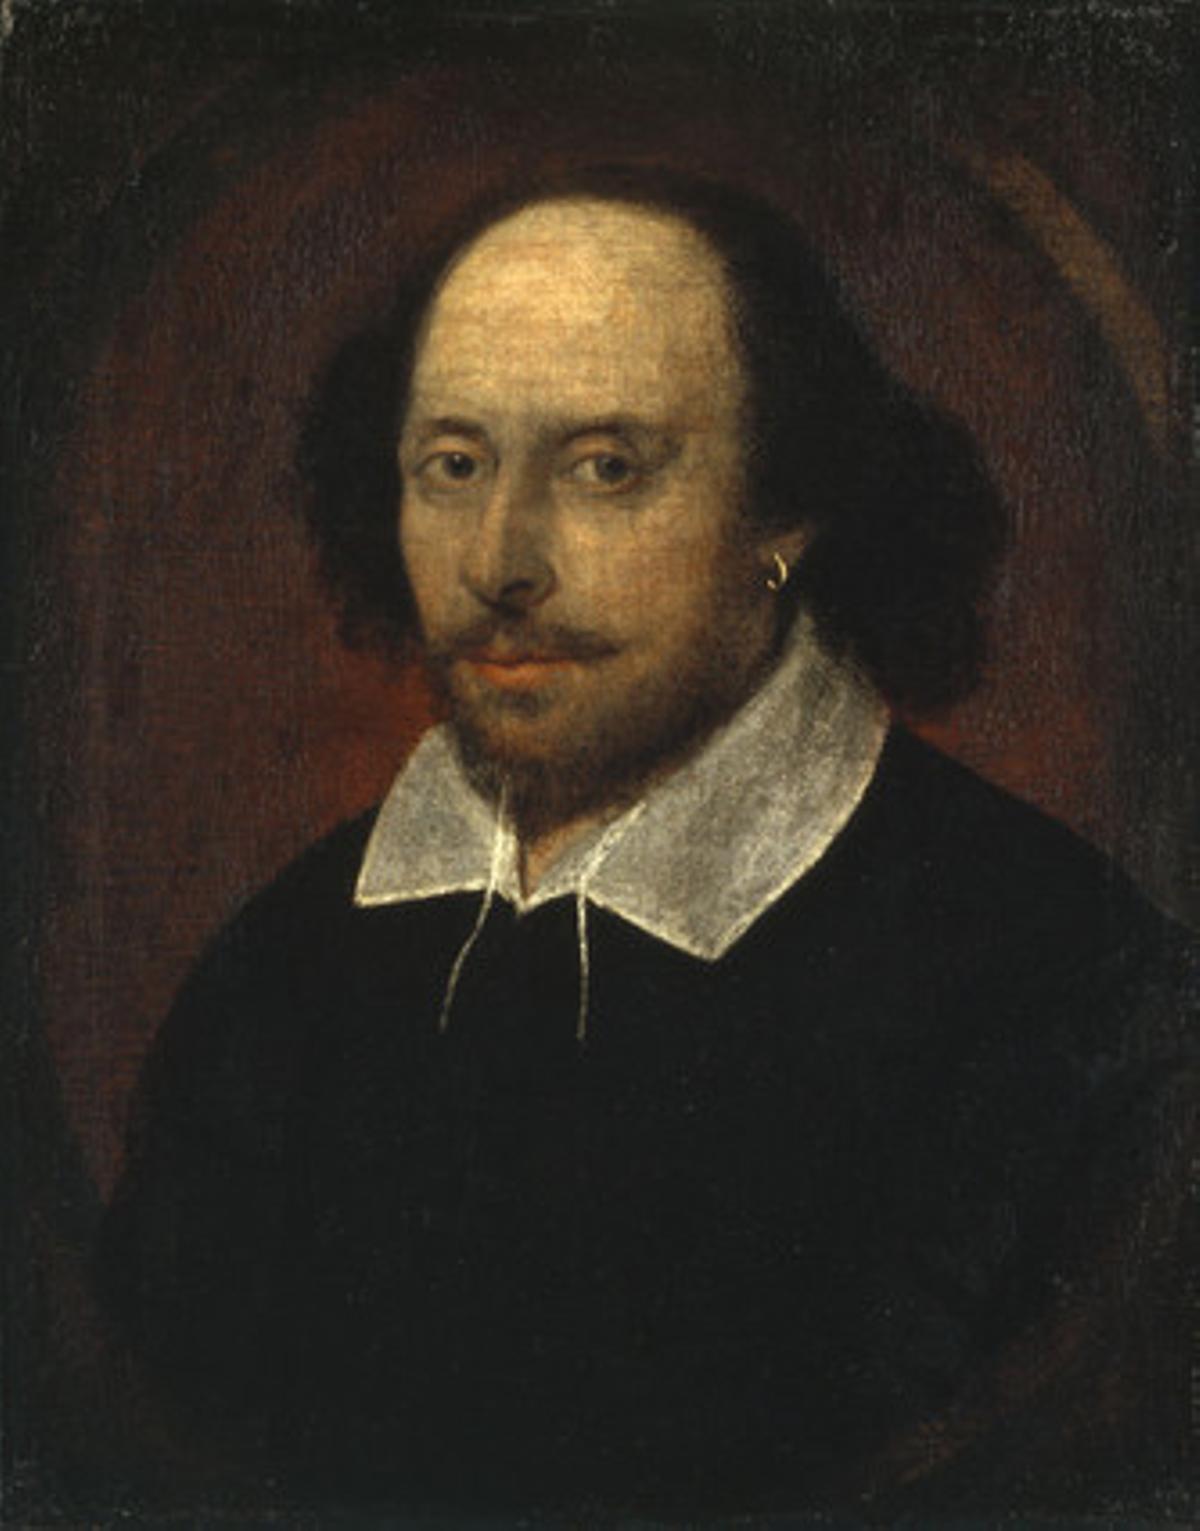 Uno de los retratos del autor de 'Romeo y Julieta' más difundido hasta ahora.